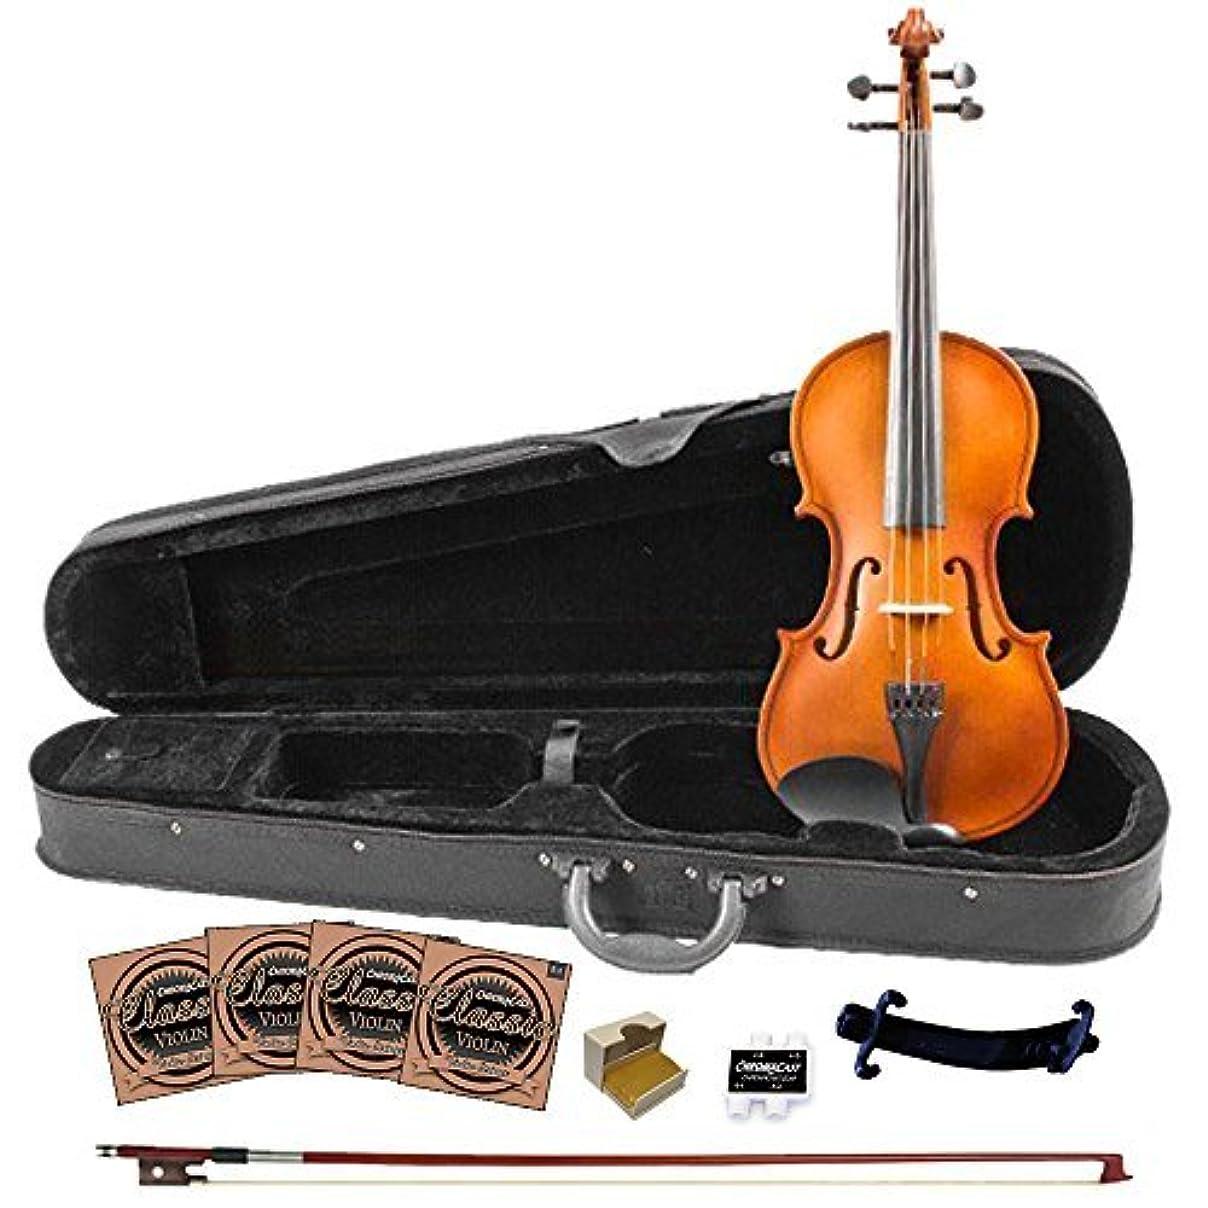 アクチュエータ失態検体Rise by Sawtooth ST-RISE-VFLAME Beginner'S Violin Full Size [並行輸入品]